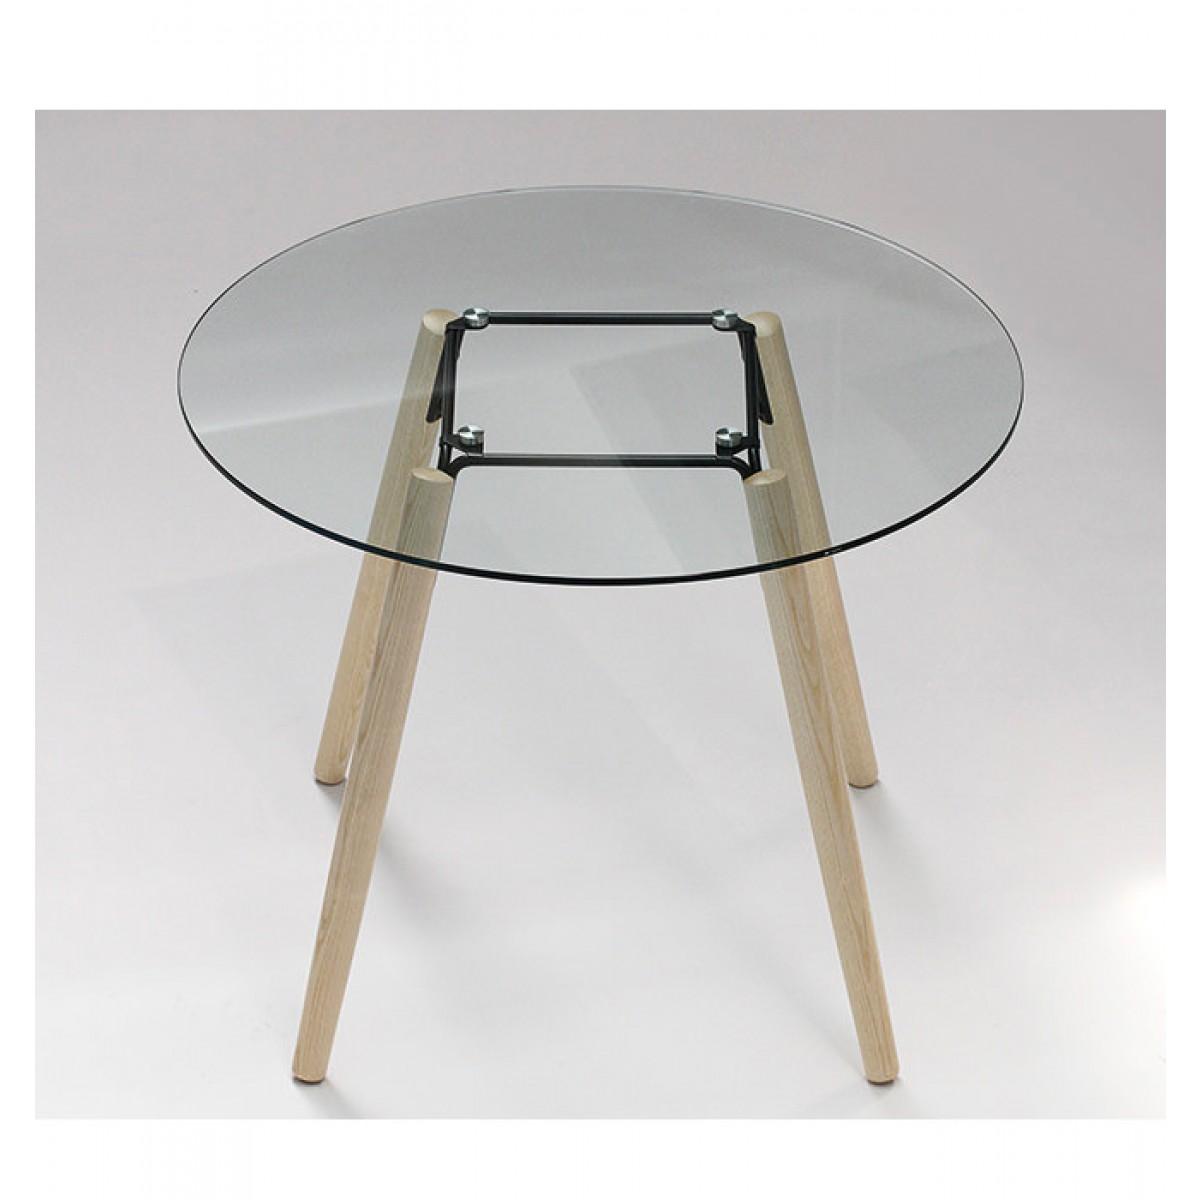 tisch rund glas tischplatte esstisch rund glas tisch tischplatte glas durchmesser 100 cm. Black Bedroom Furniture Sets. Home Design Ideas